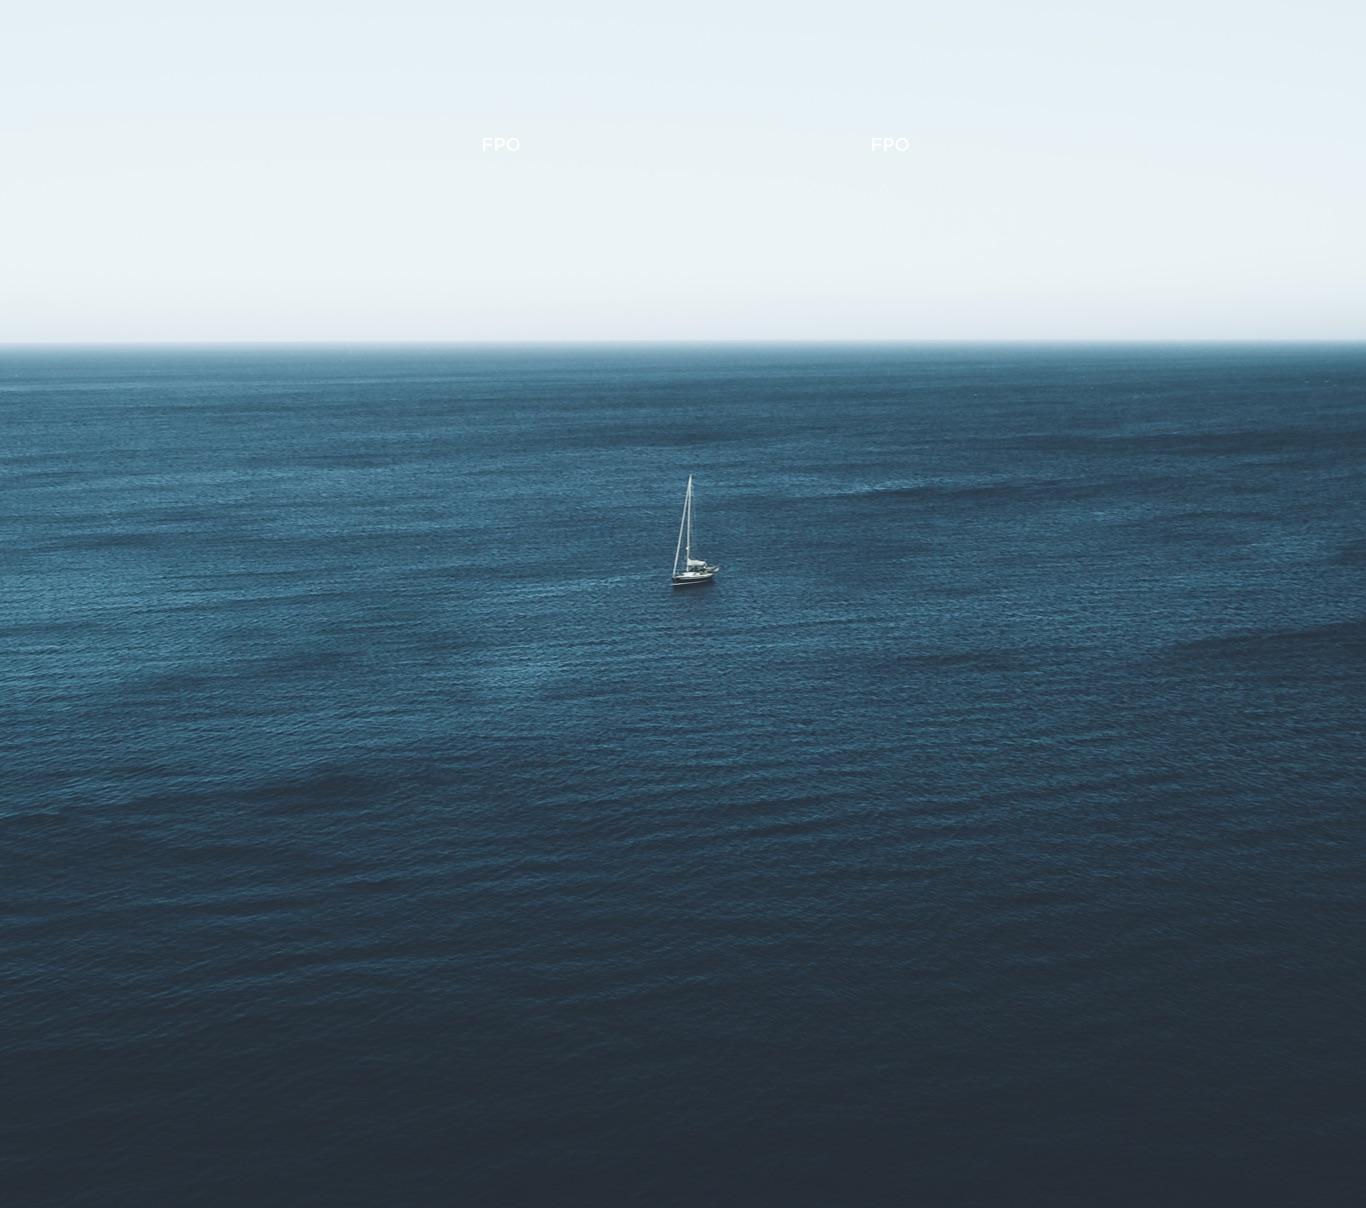 Aerial photograph of sailboat in ocean